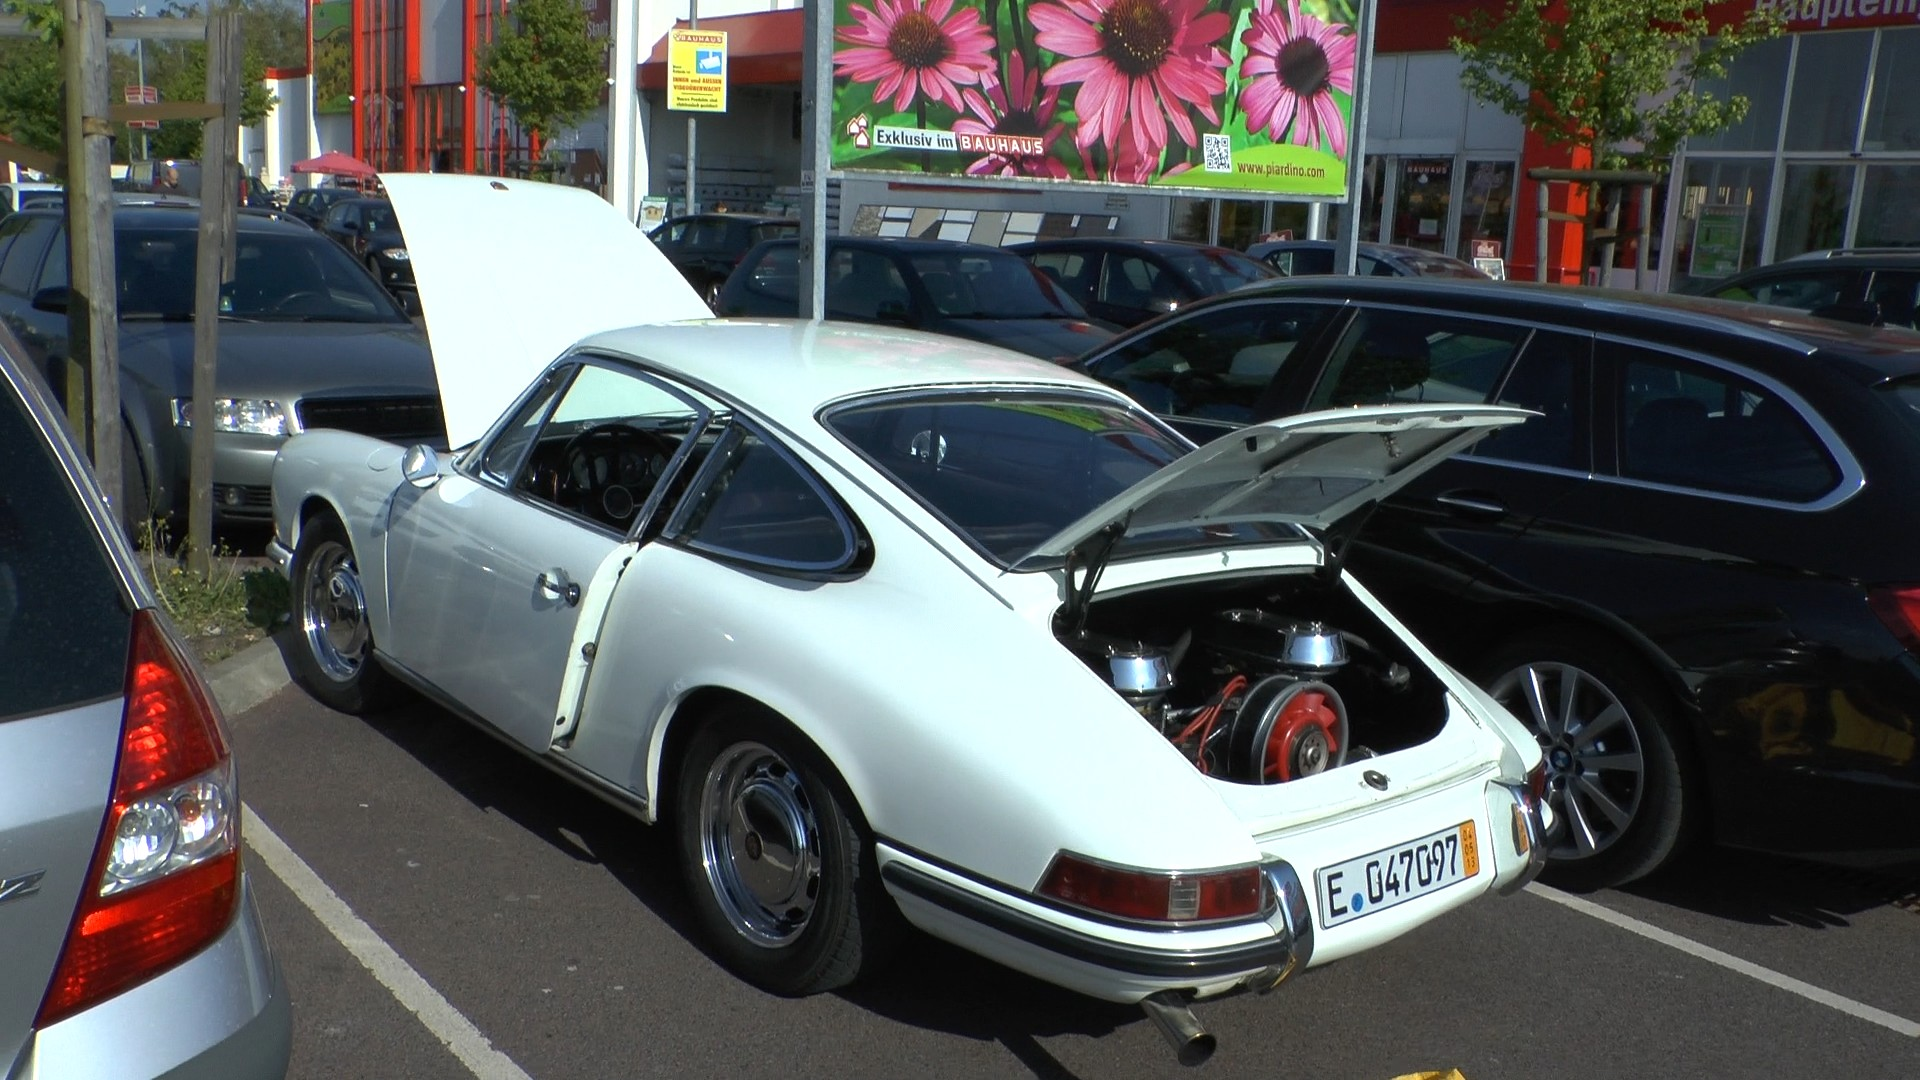 Zündkerzensuche am Samstag Spätnachmittag: Im Bauhaus gibt es Pflanzen - keine Kerzen für einen Porsche Klassiker.